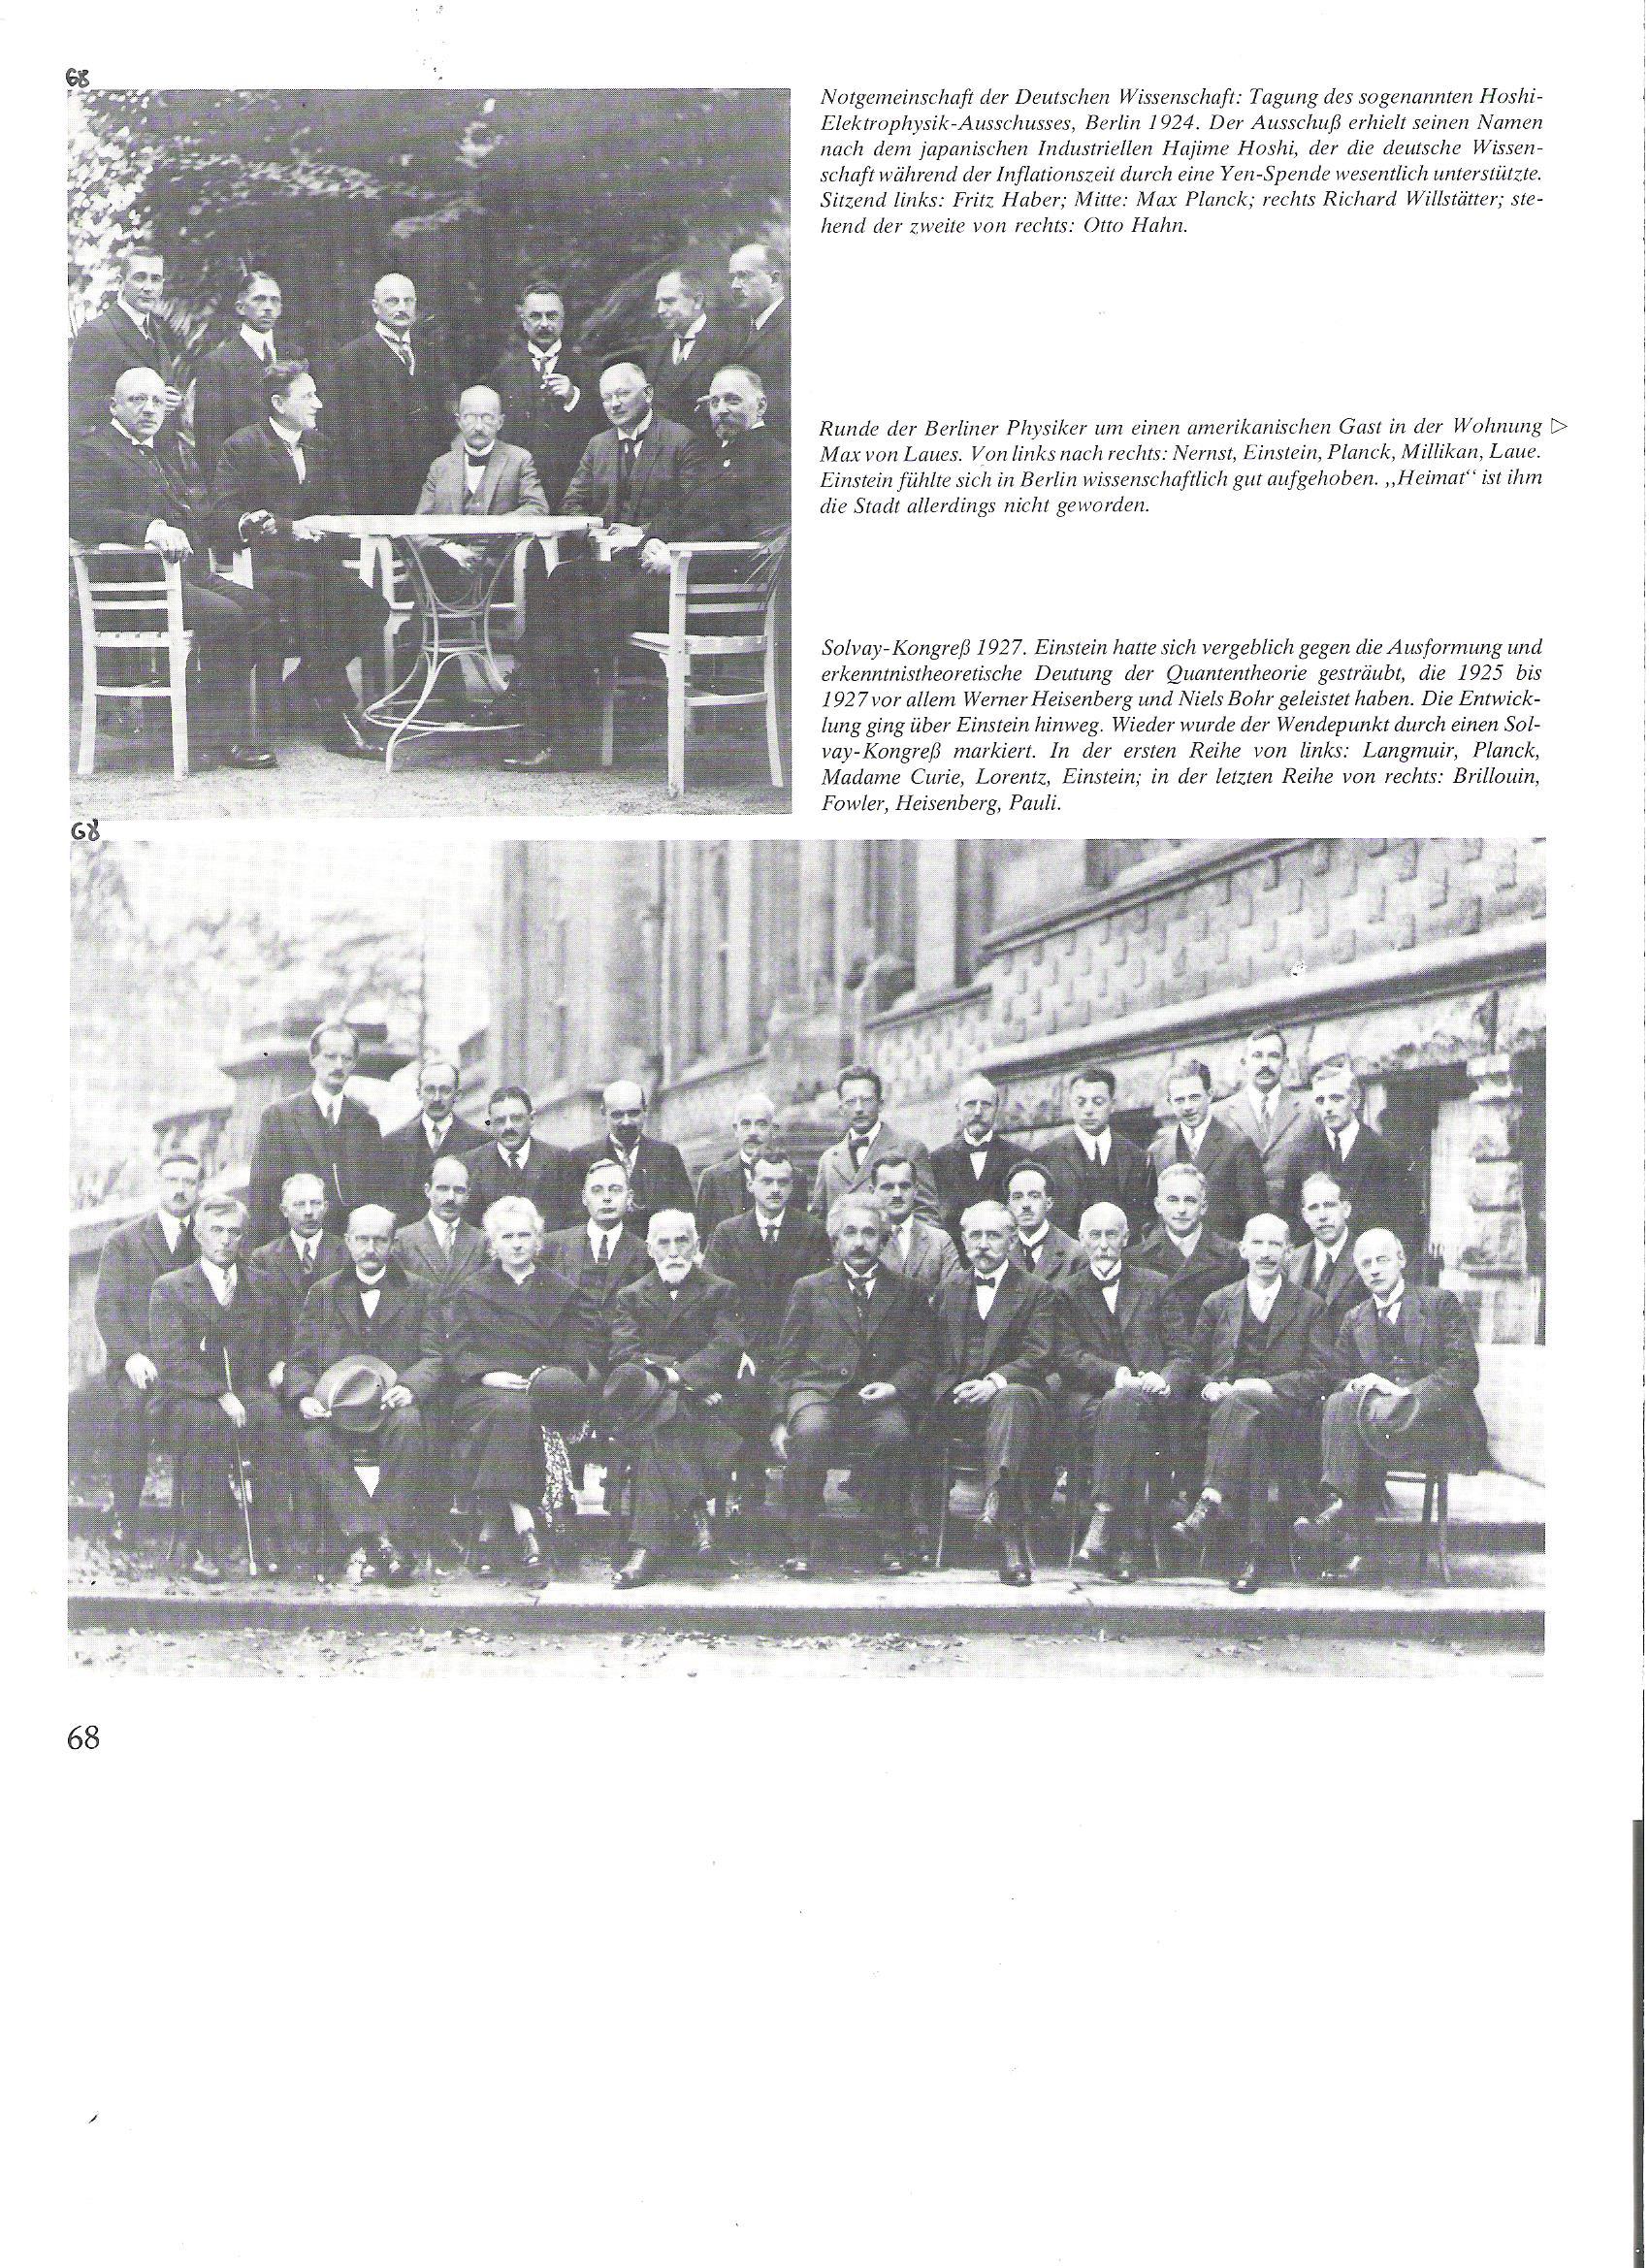 68<br /> A német tudományos szükségközösség: az ún. Hoshi-elektrofizika bizottság ülésezése, Berlin, 1924. A bizottság nevét a japán iparmágnás, Hajime Hoshiról kapta, miután az a német tudományt az infláció idején egy jelentős yen-adománnyal megtámogatta.<br />Ül, balról: Fritz Haber, középütt: Max von Laue, jobbról: Richard Willstätter; az állóknál jobbról a második: Otto Hahn.<br /><br />68<br />Solvay-kongresszus, 1927. Einstein hiába védekezett a formálódó és ismeretelméleti jelentőségű  kvantumelmélet, Werner Heisenberg és Niels Bohr, 1925-1927 közötti meglátásai ellen. A fejlődés átcsapott Einstein feje fölött. A fordulópont kijelölése ismét egy Solvay-kongresszuson történt. <br />Az első sorban, balról: Langmuir, Planck, Madame Curie, Lorentz, Einstein.<br />A legfelső sorban, jobbról: Brillouin, Fowler, Heisenberg, Pauli.